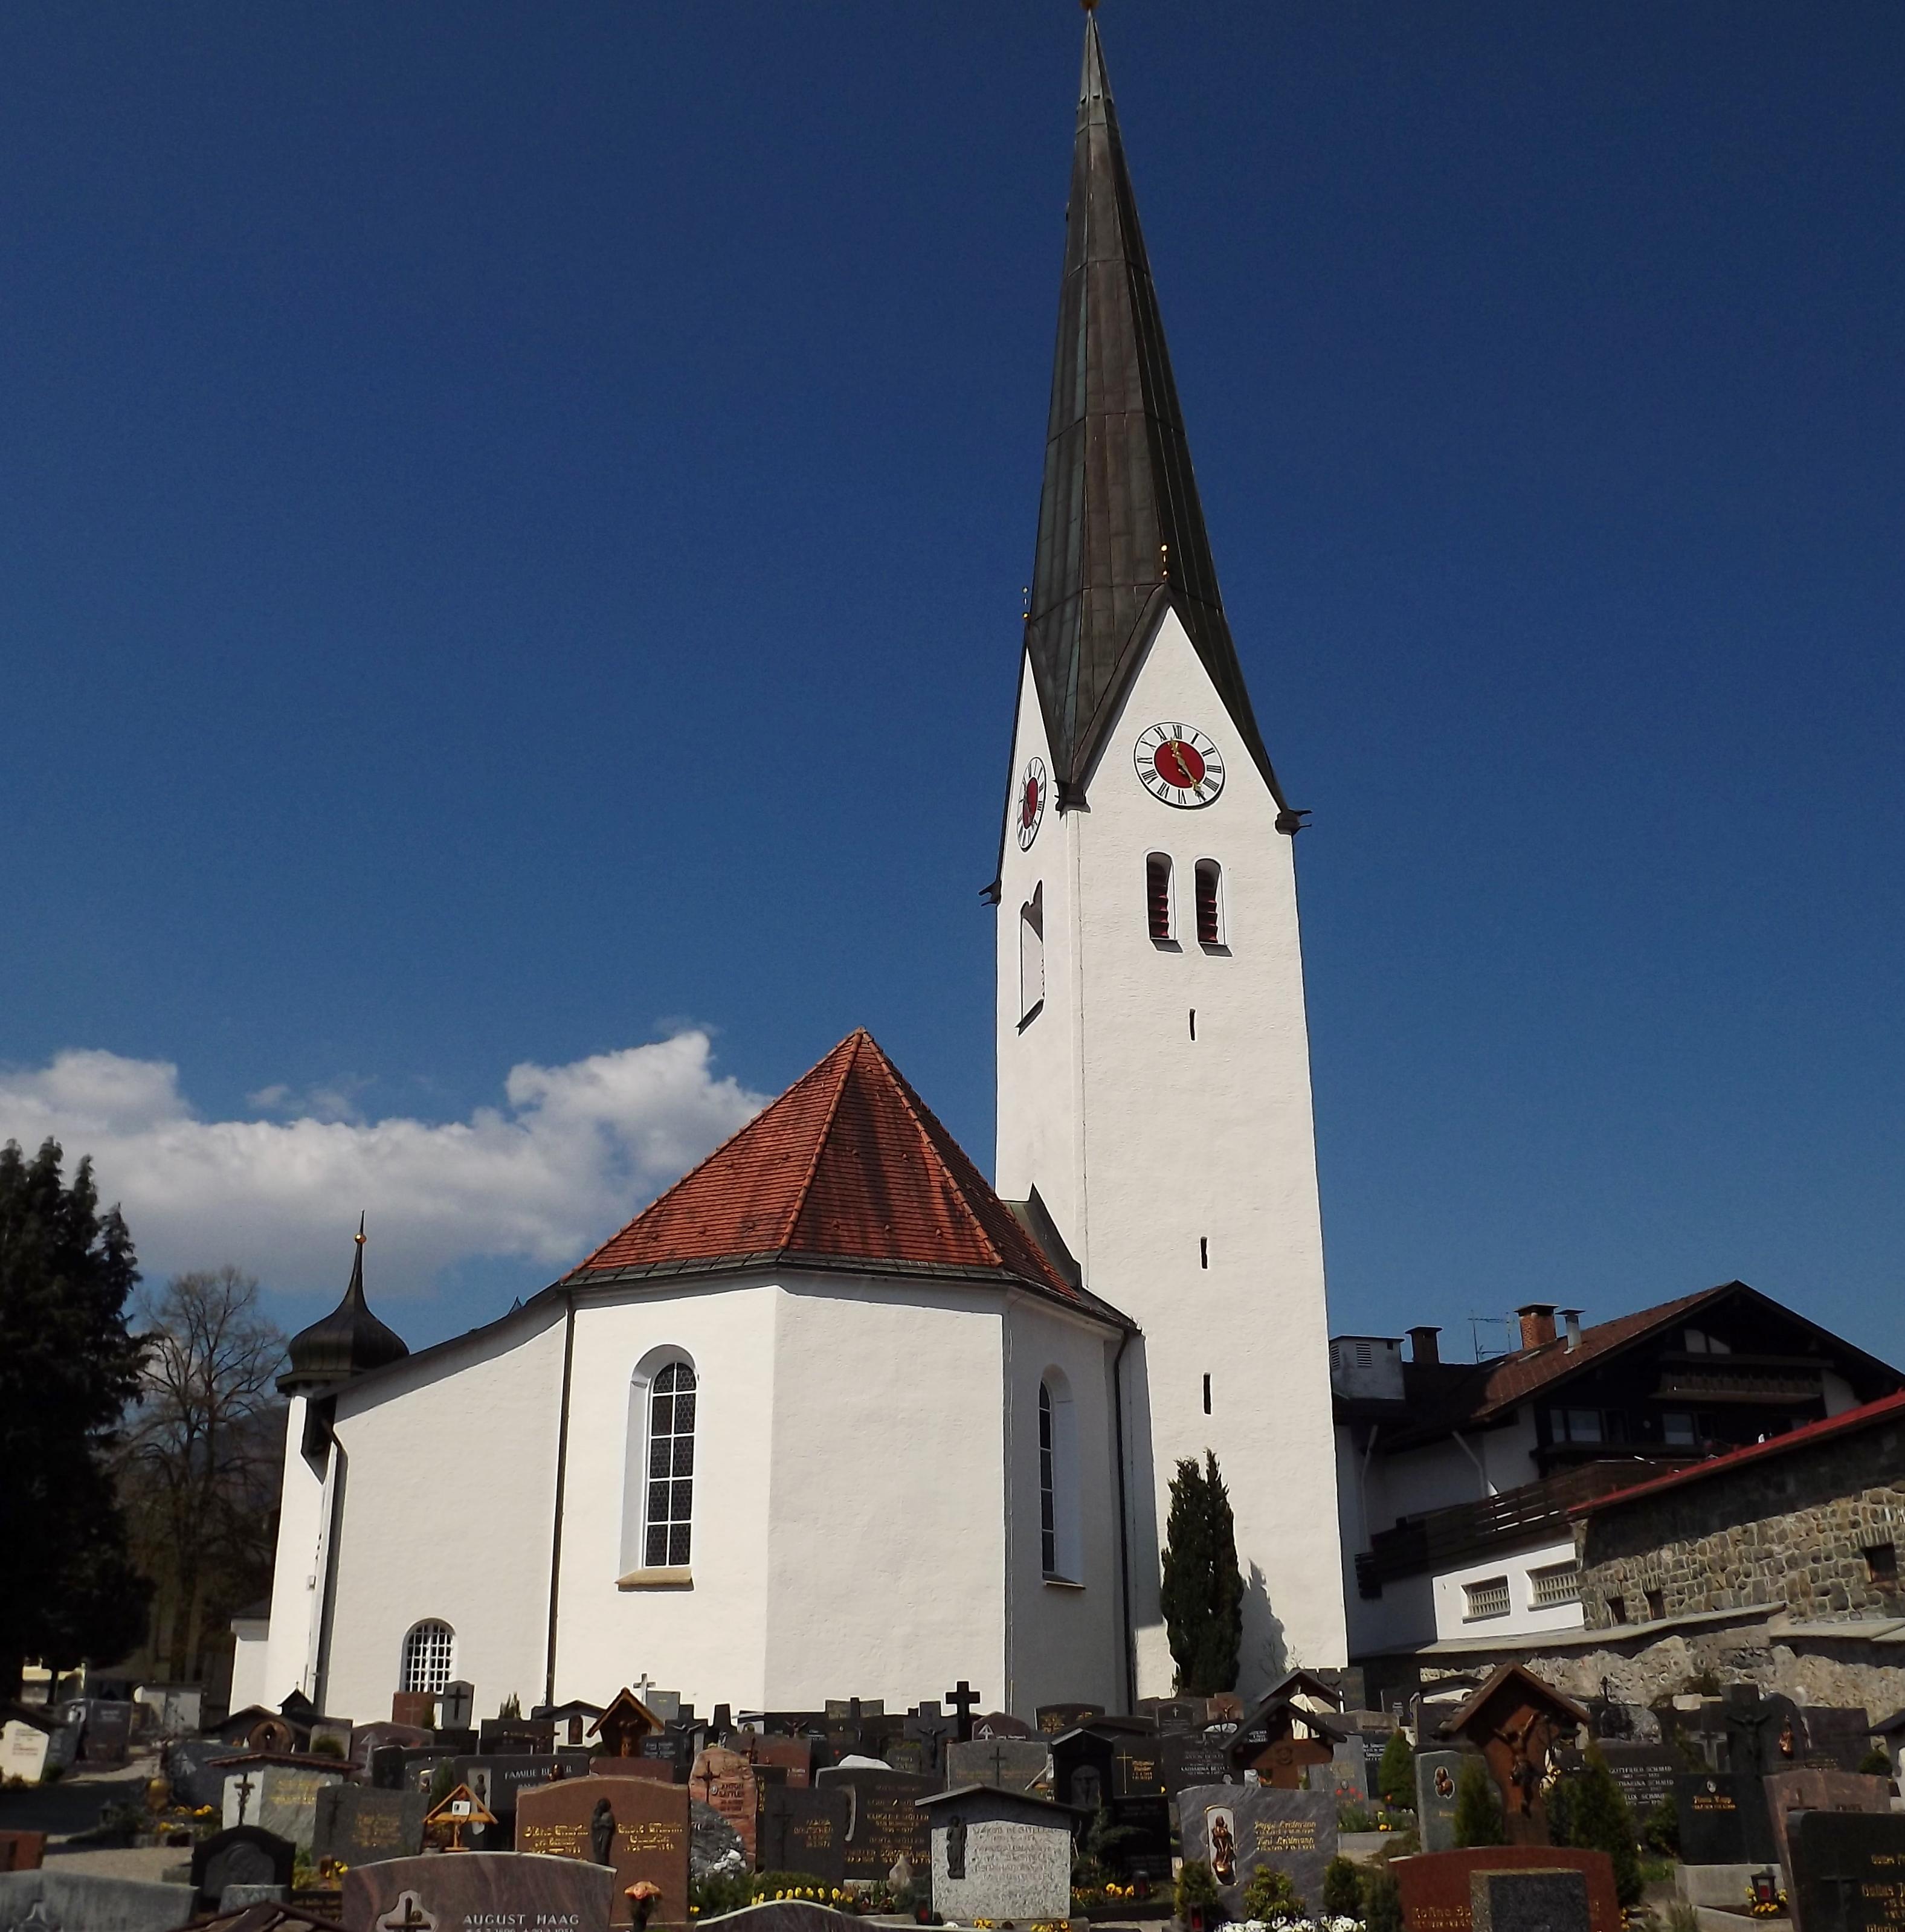 Fischen Im Allgäu: St. Verena Fischen I.Allgäu